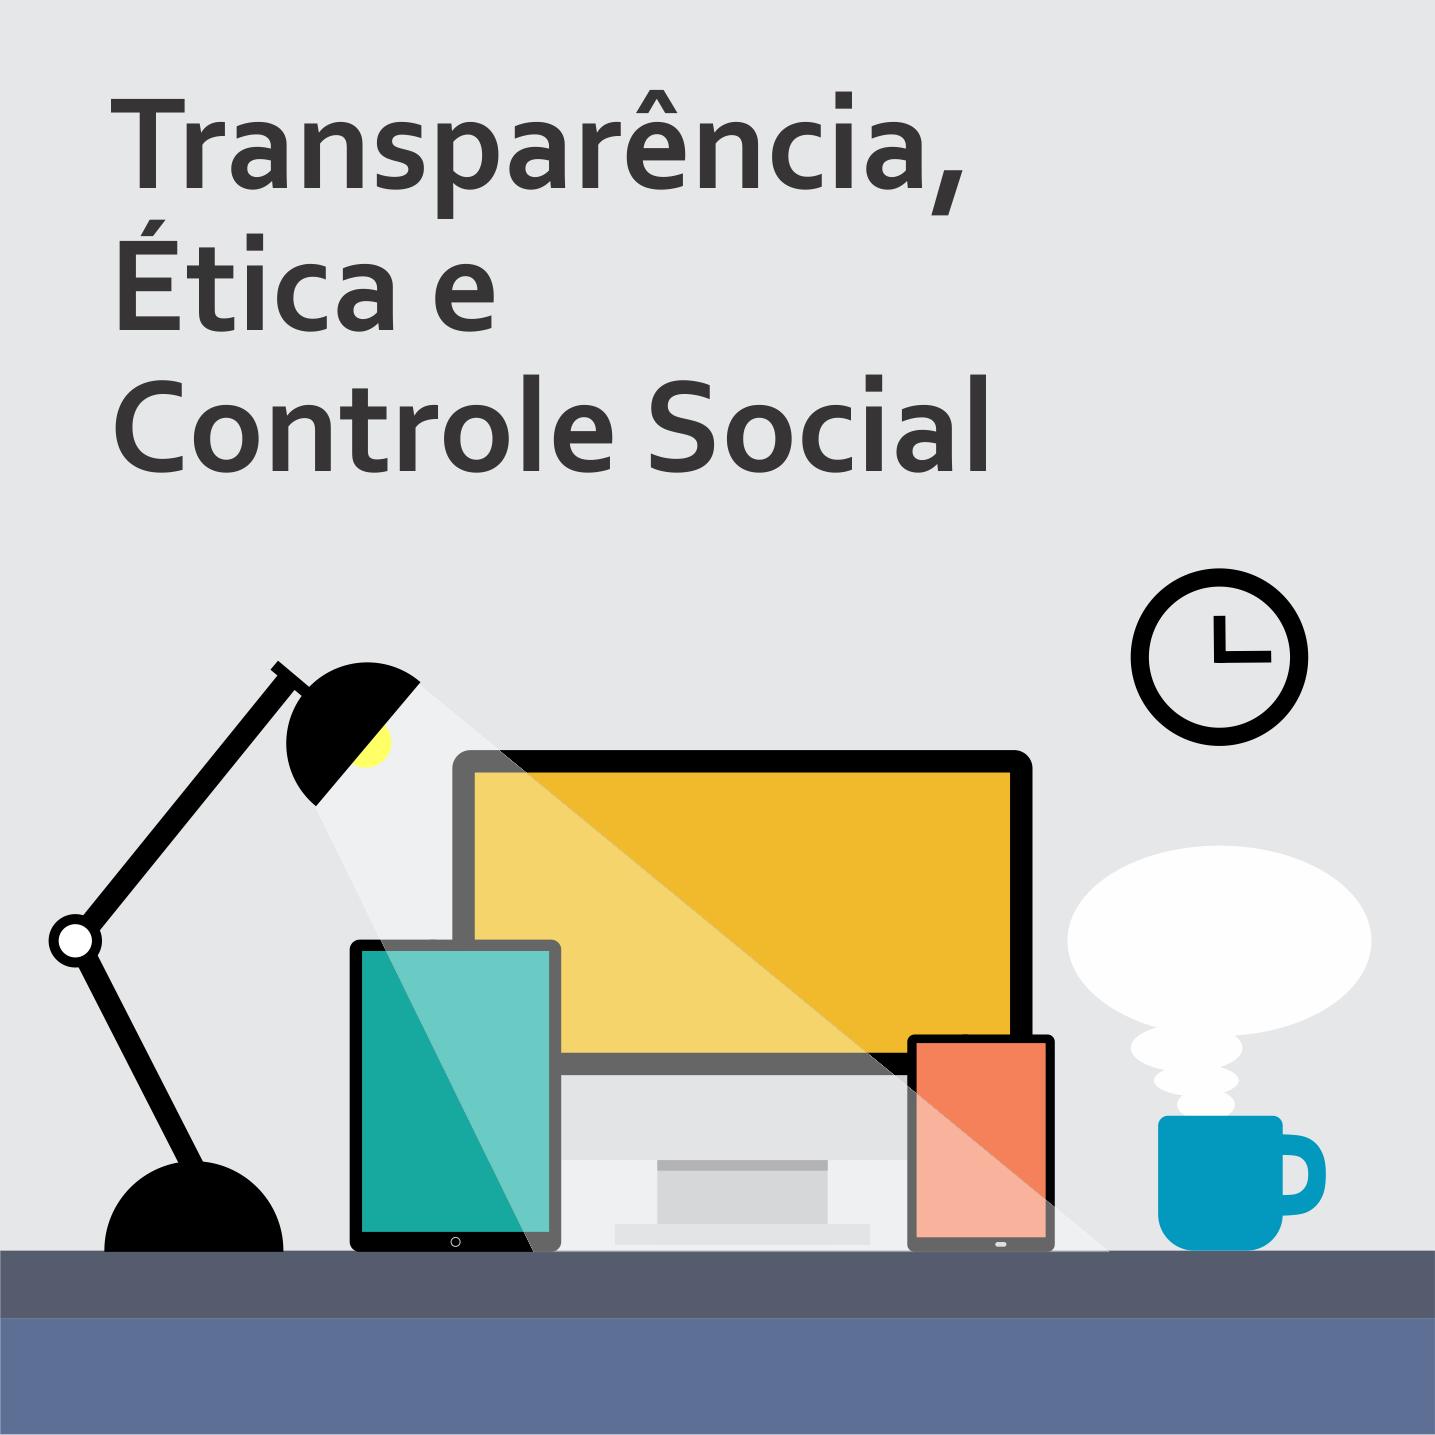 Transparência, Ética e Controle Social